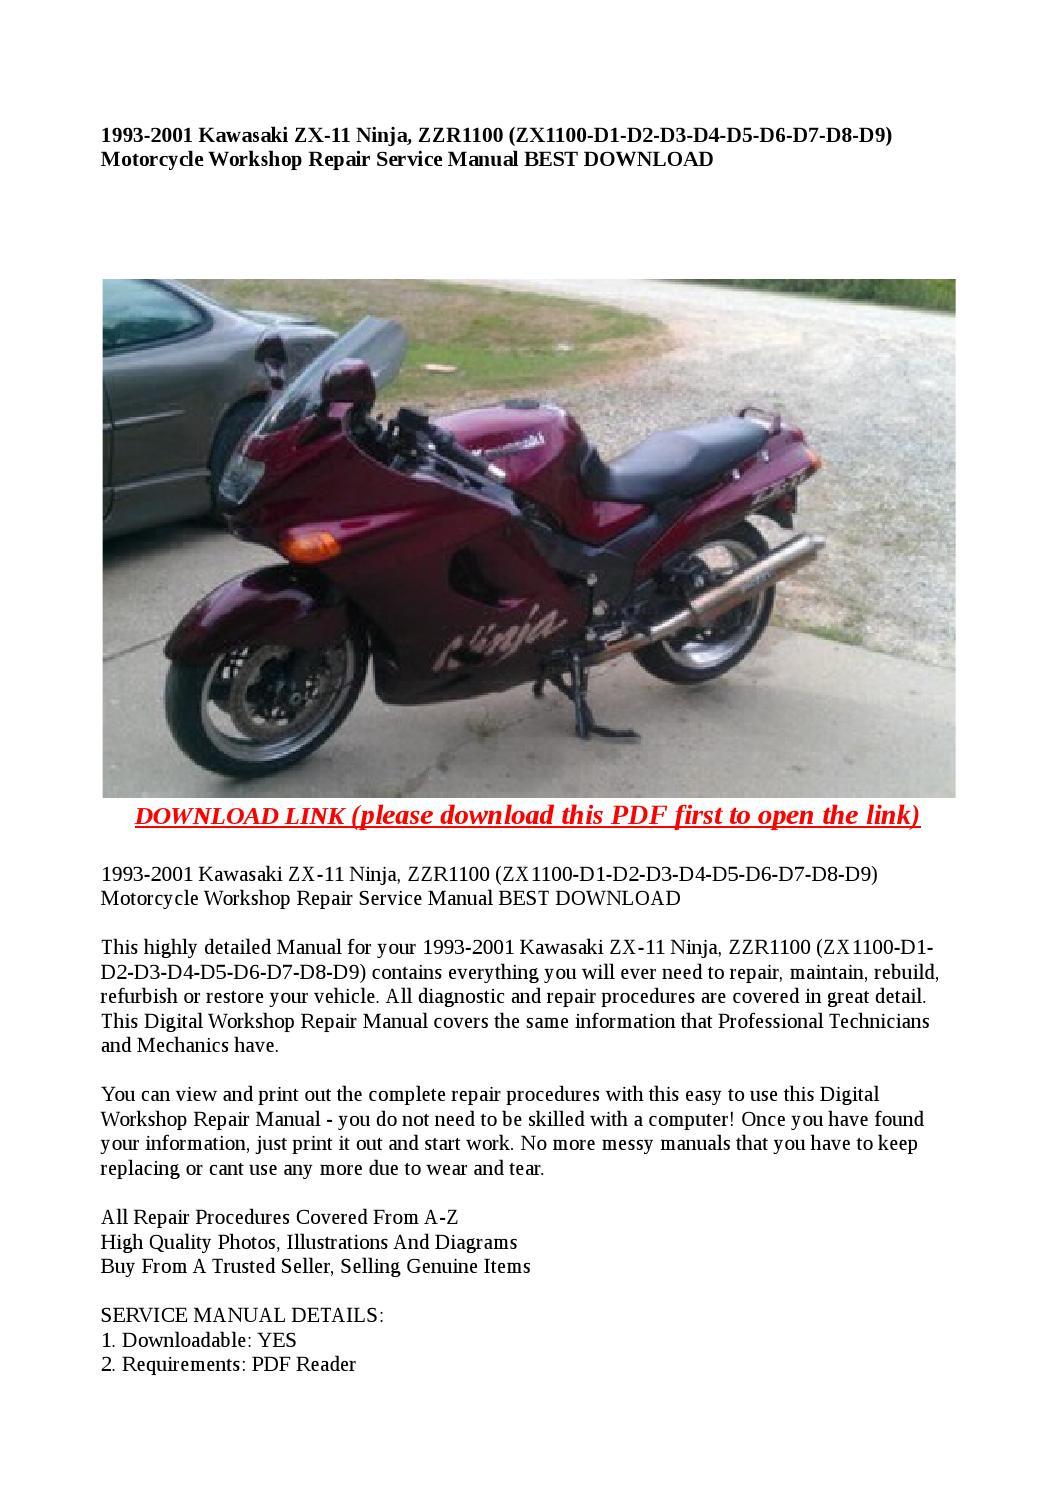 1993 2001 kawasaki zx 11 ninja, zzr1100 (zx1100 d1 d2 d3 d4 d5 d6 d7 d8 d9)  motorcycle workshop repa by Dora tang - issuu